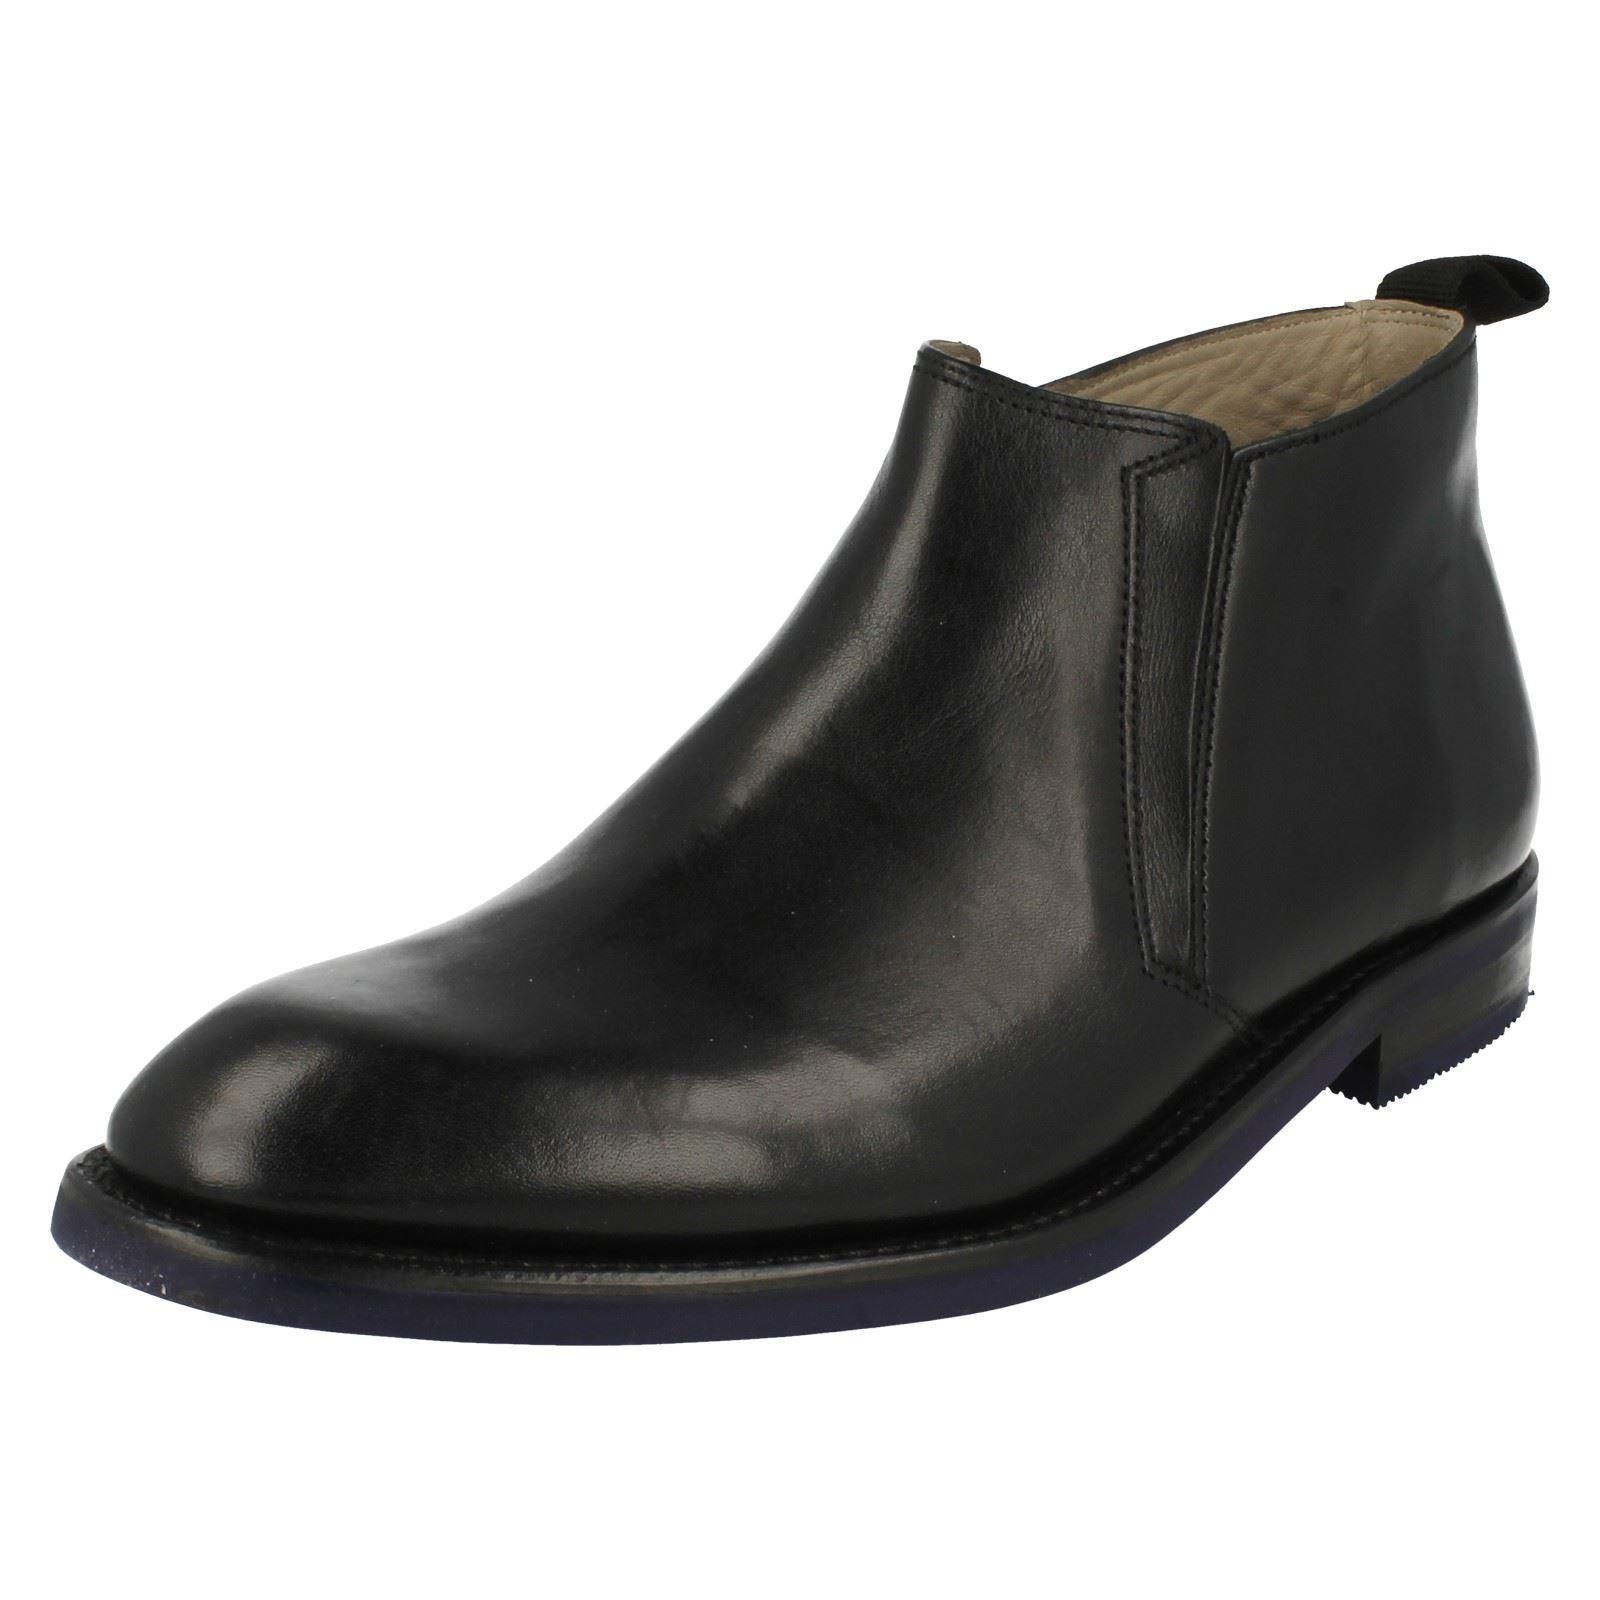 Herren Clarks SWINLEY Mittel schwarzes Leder Elegante Stiefel G PASSFORM